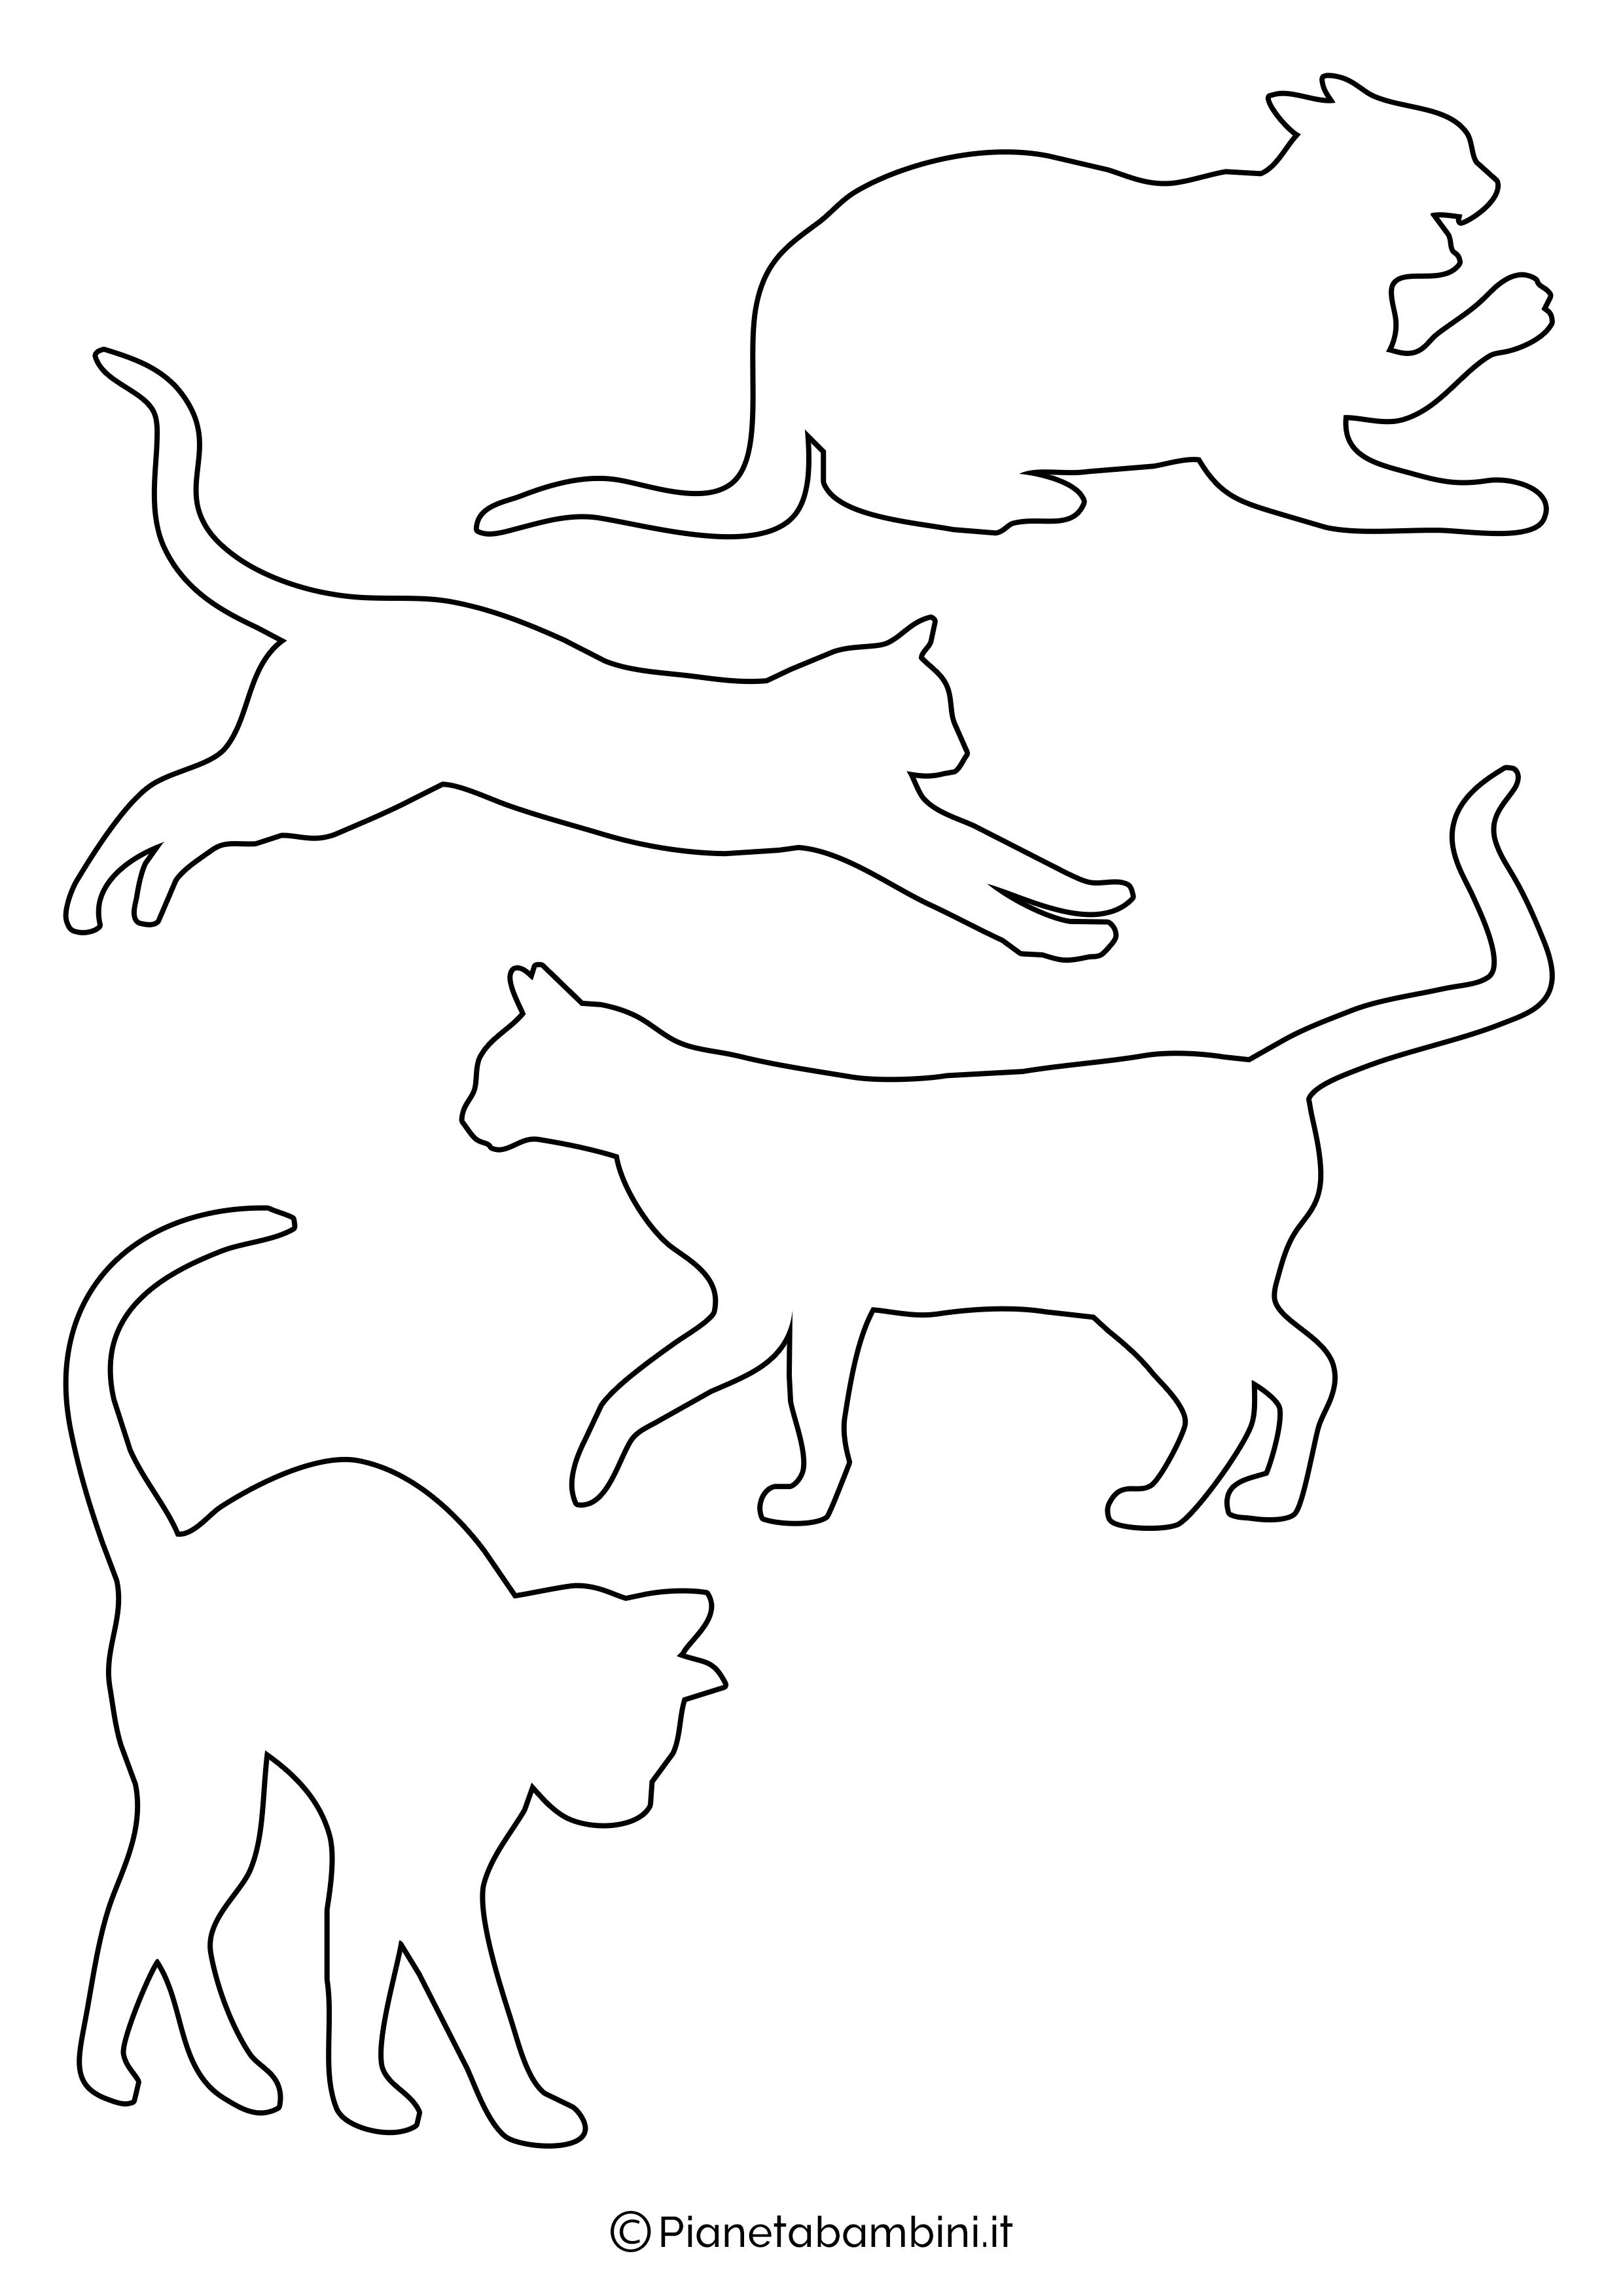 Sagome gatti piccole da ritagliare 3